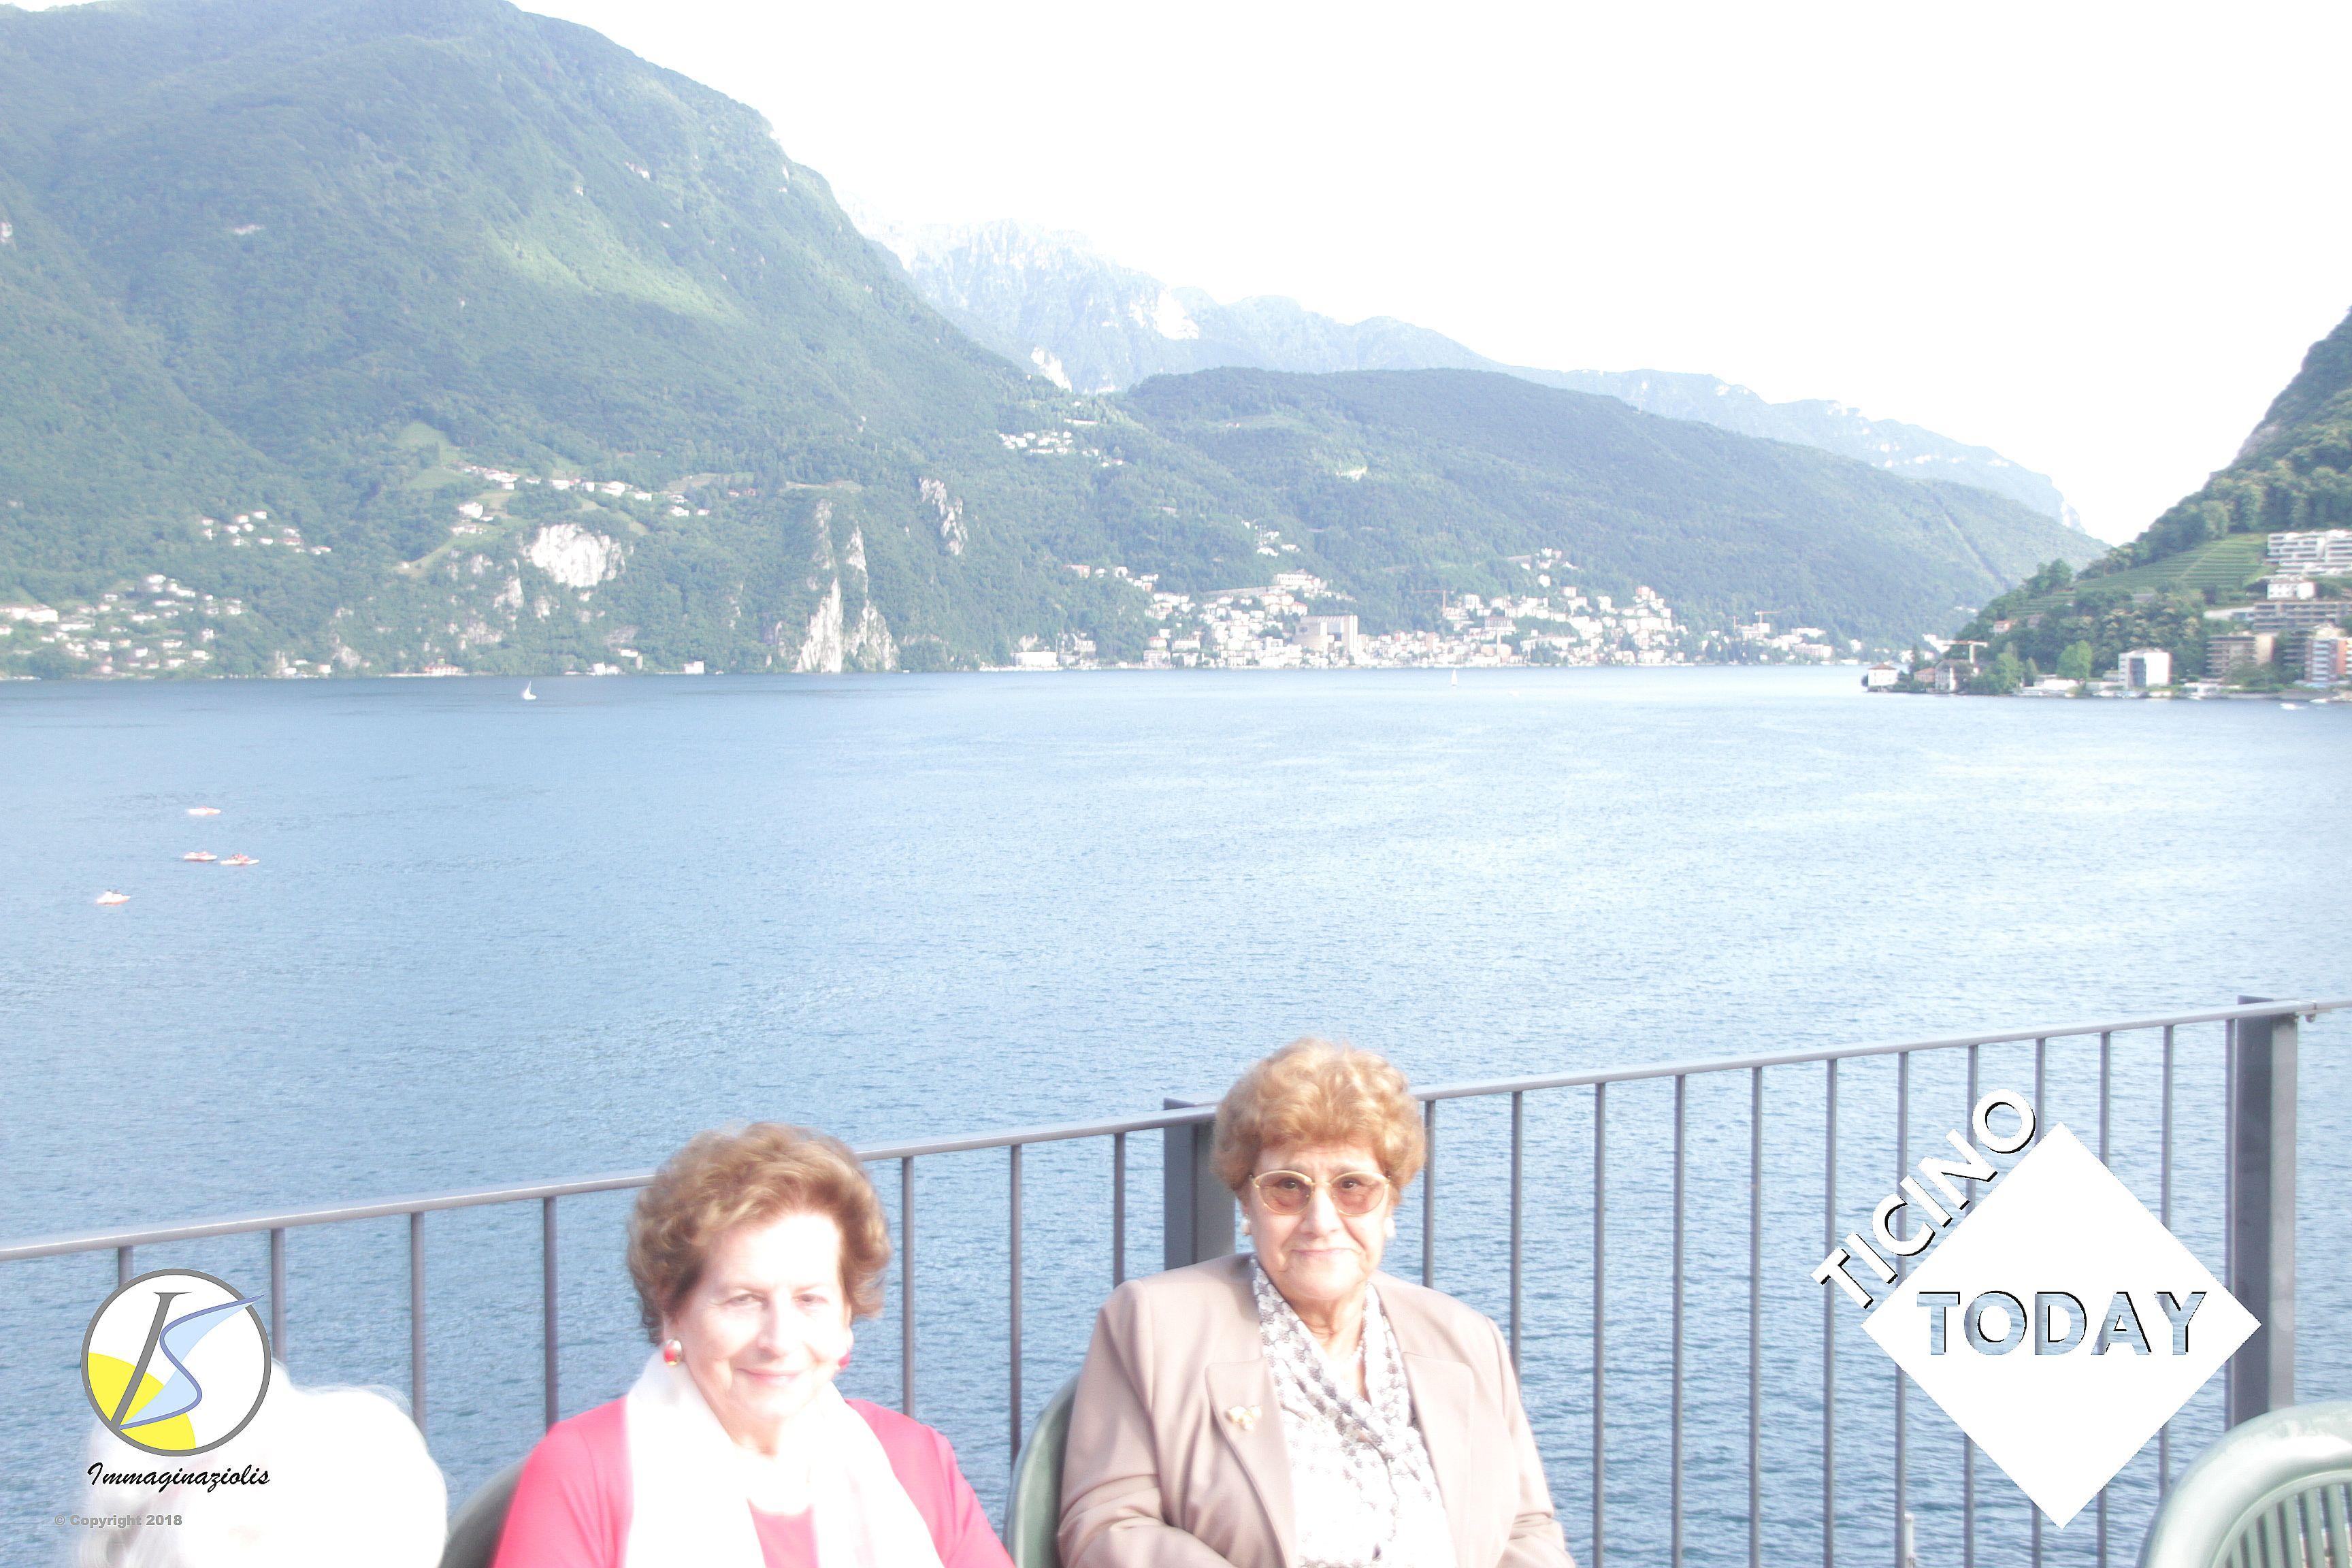 Incontri a Lugano Svizzera collegamento tradurre